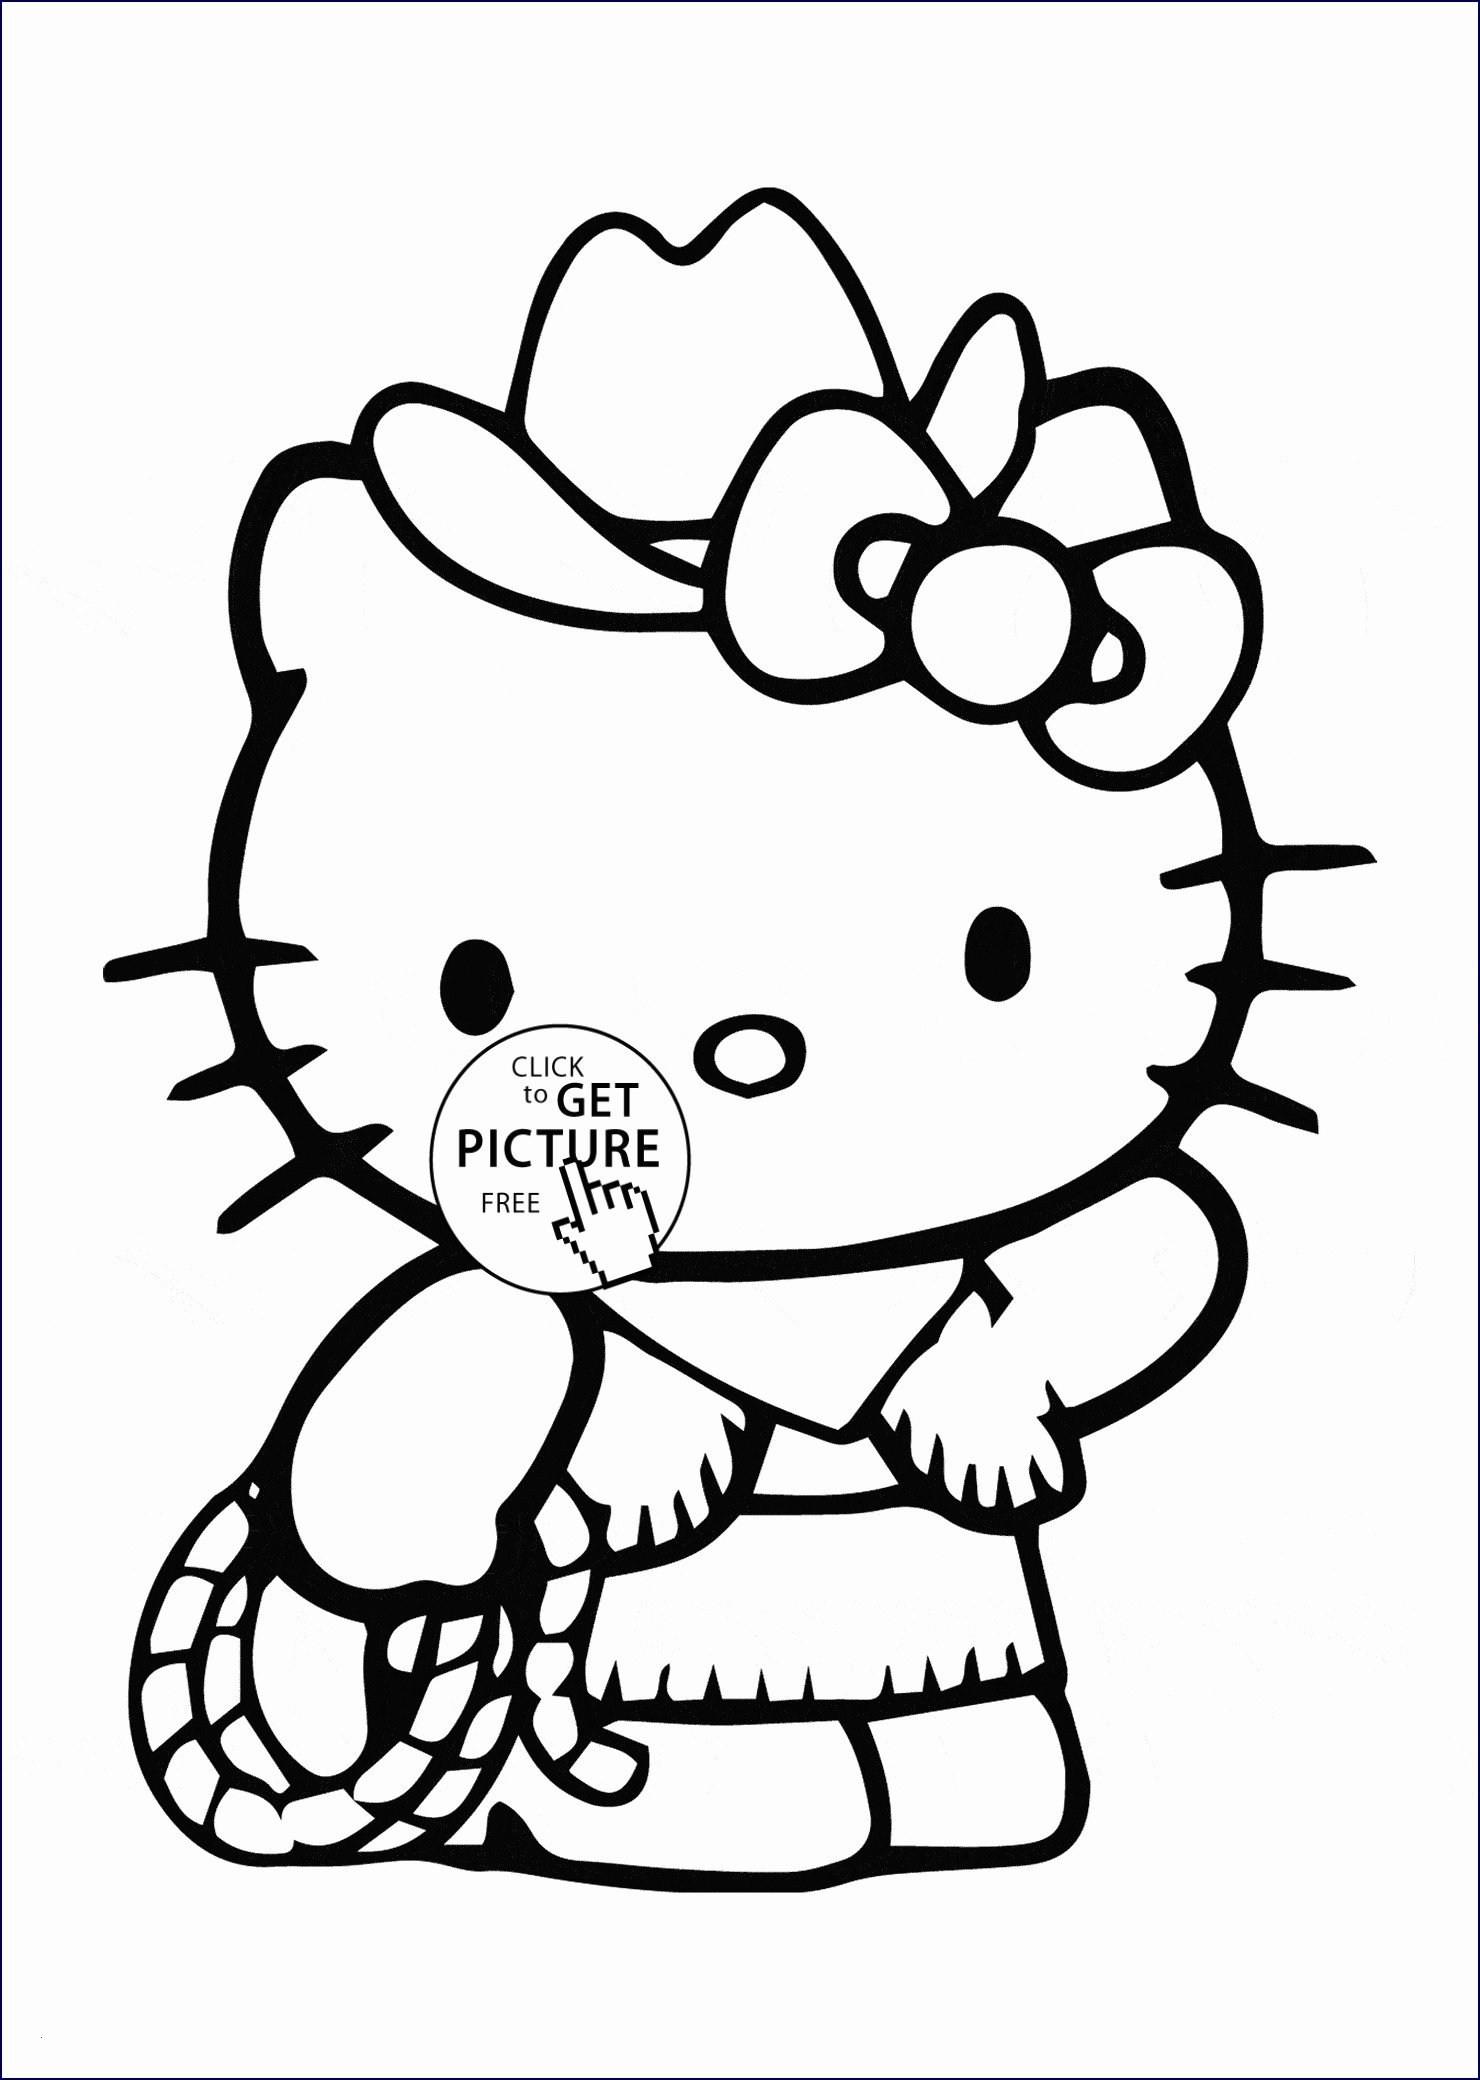 Hello Kitty Malvorlage Genial Ausmalbilder Von Hello Kitty Best 35 Hello Kitty Ausmalbilder Fotos